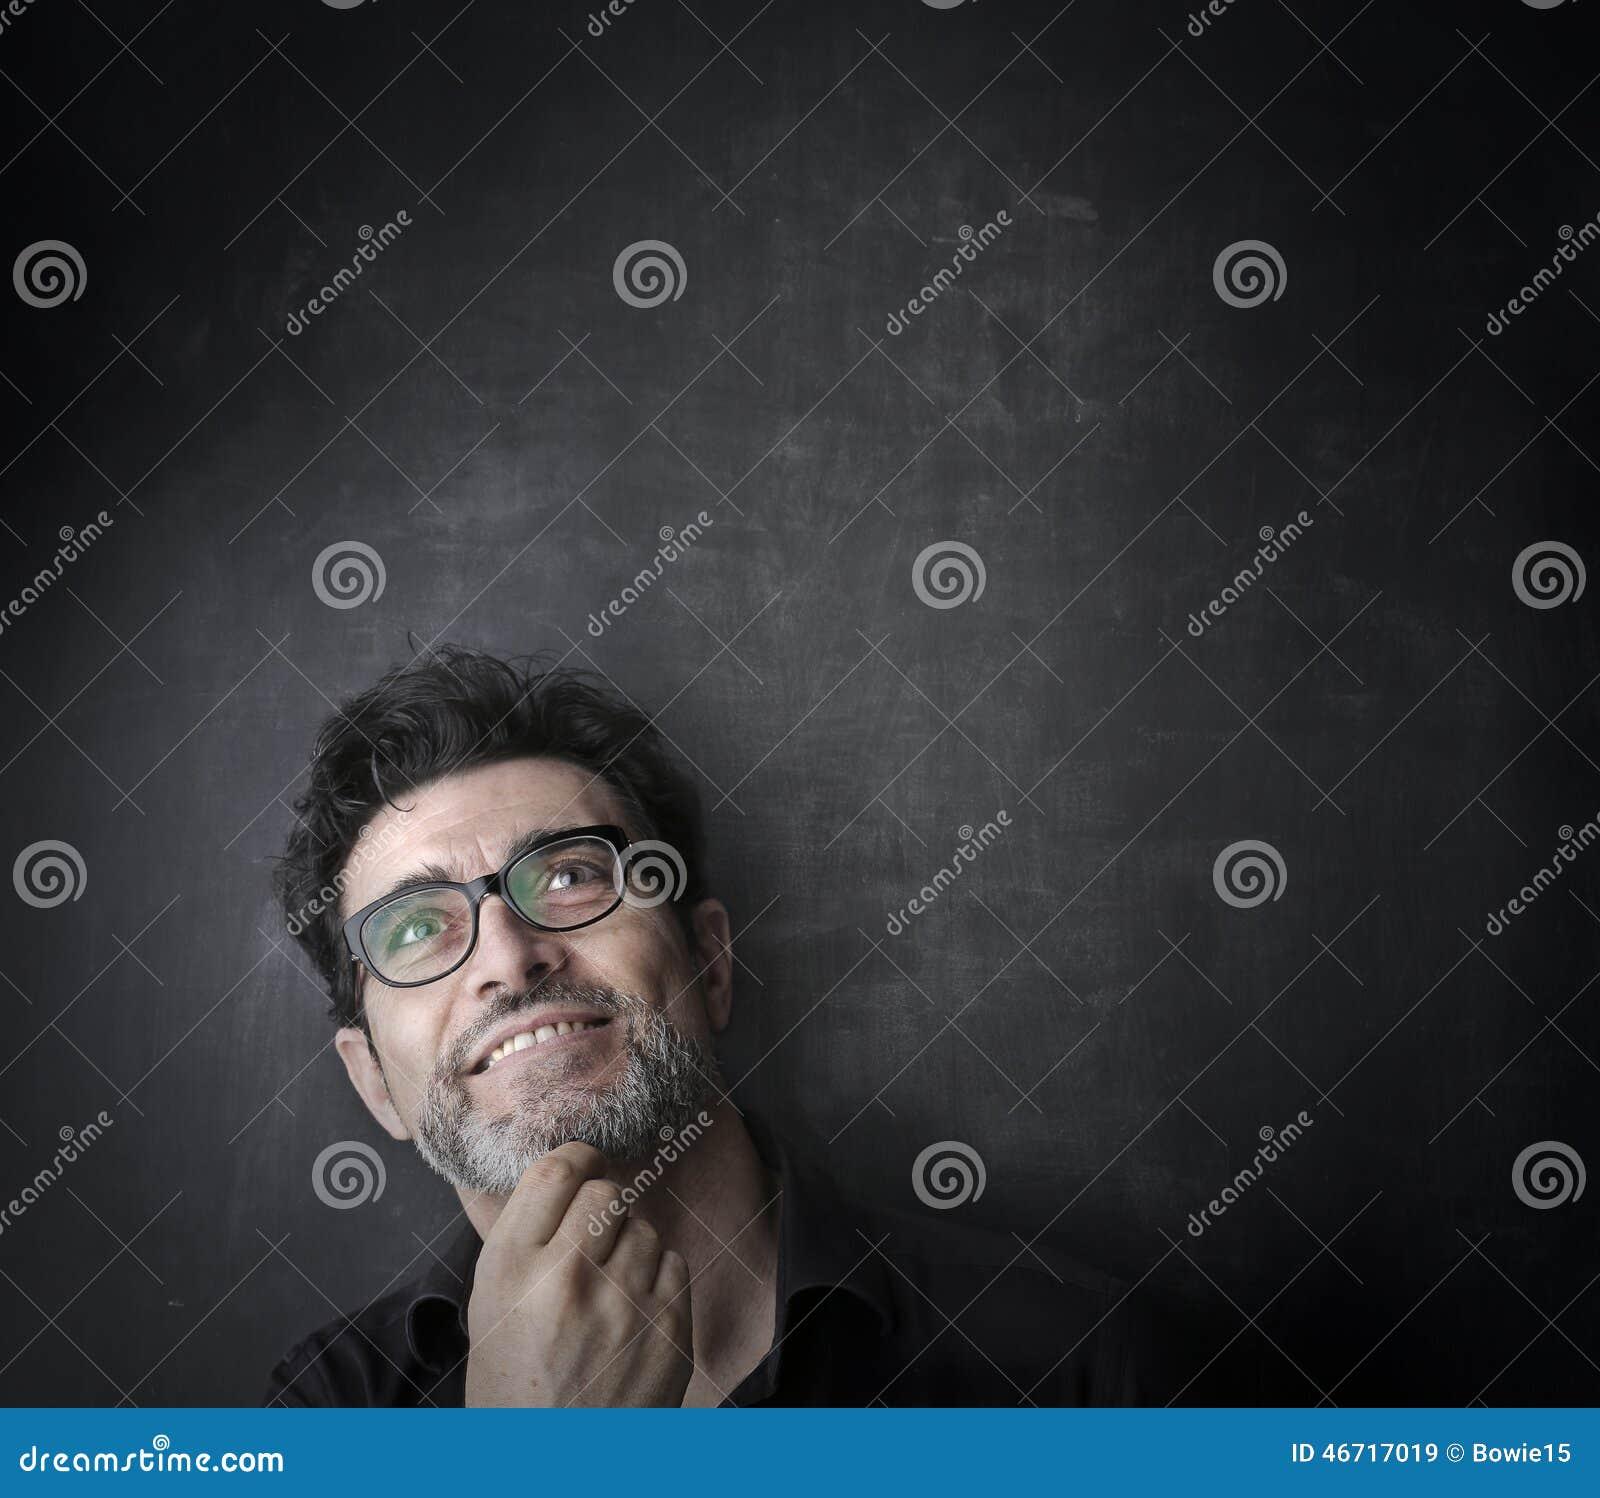 Un homme semblant ravi par quelque chose